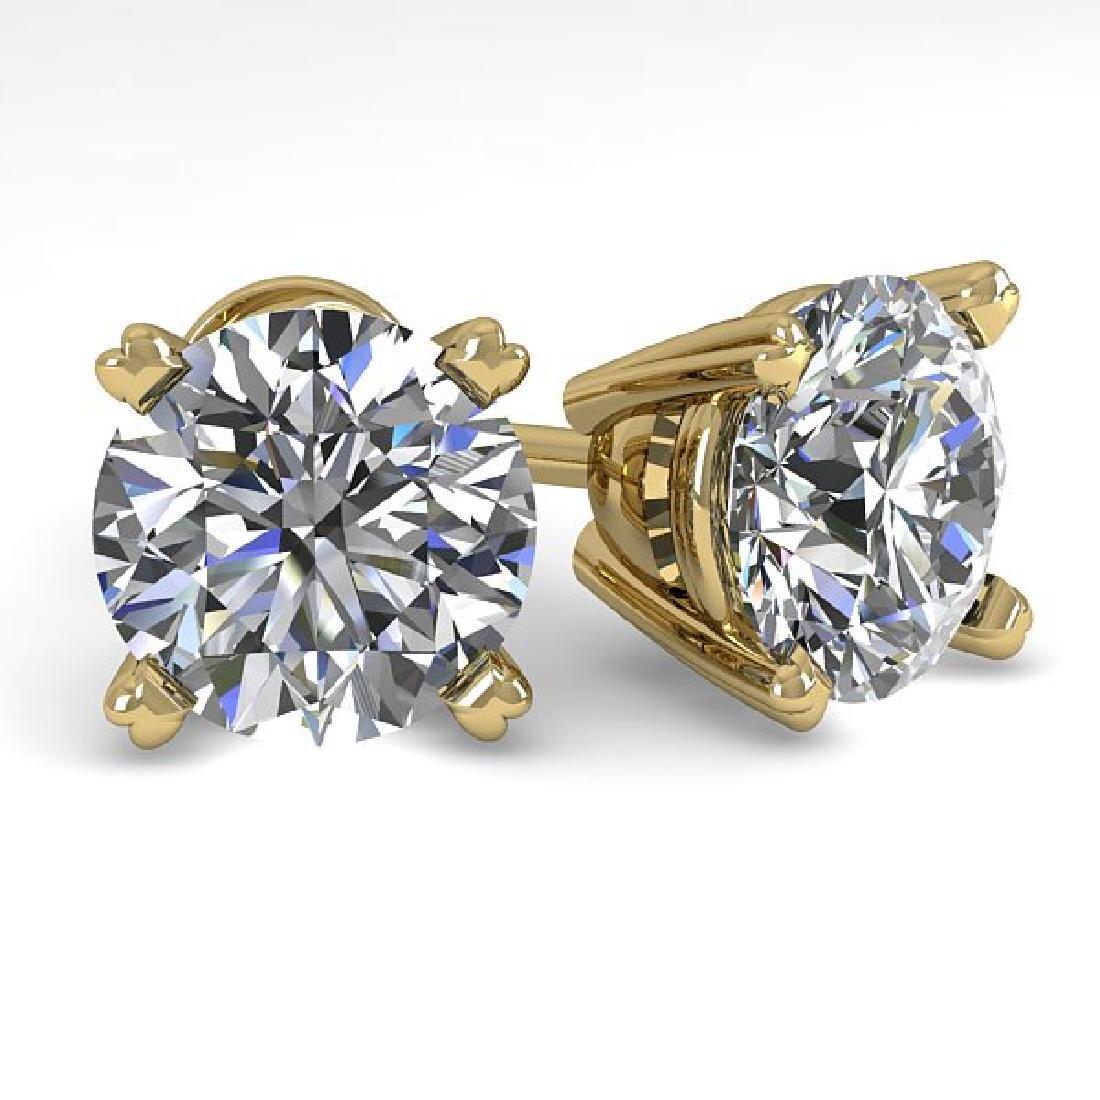 3 CTW Certified VS/SI Diamond Stud Earrings 18K Yellow